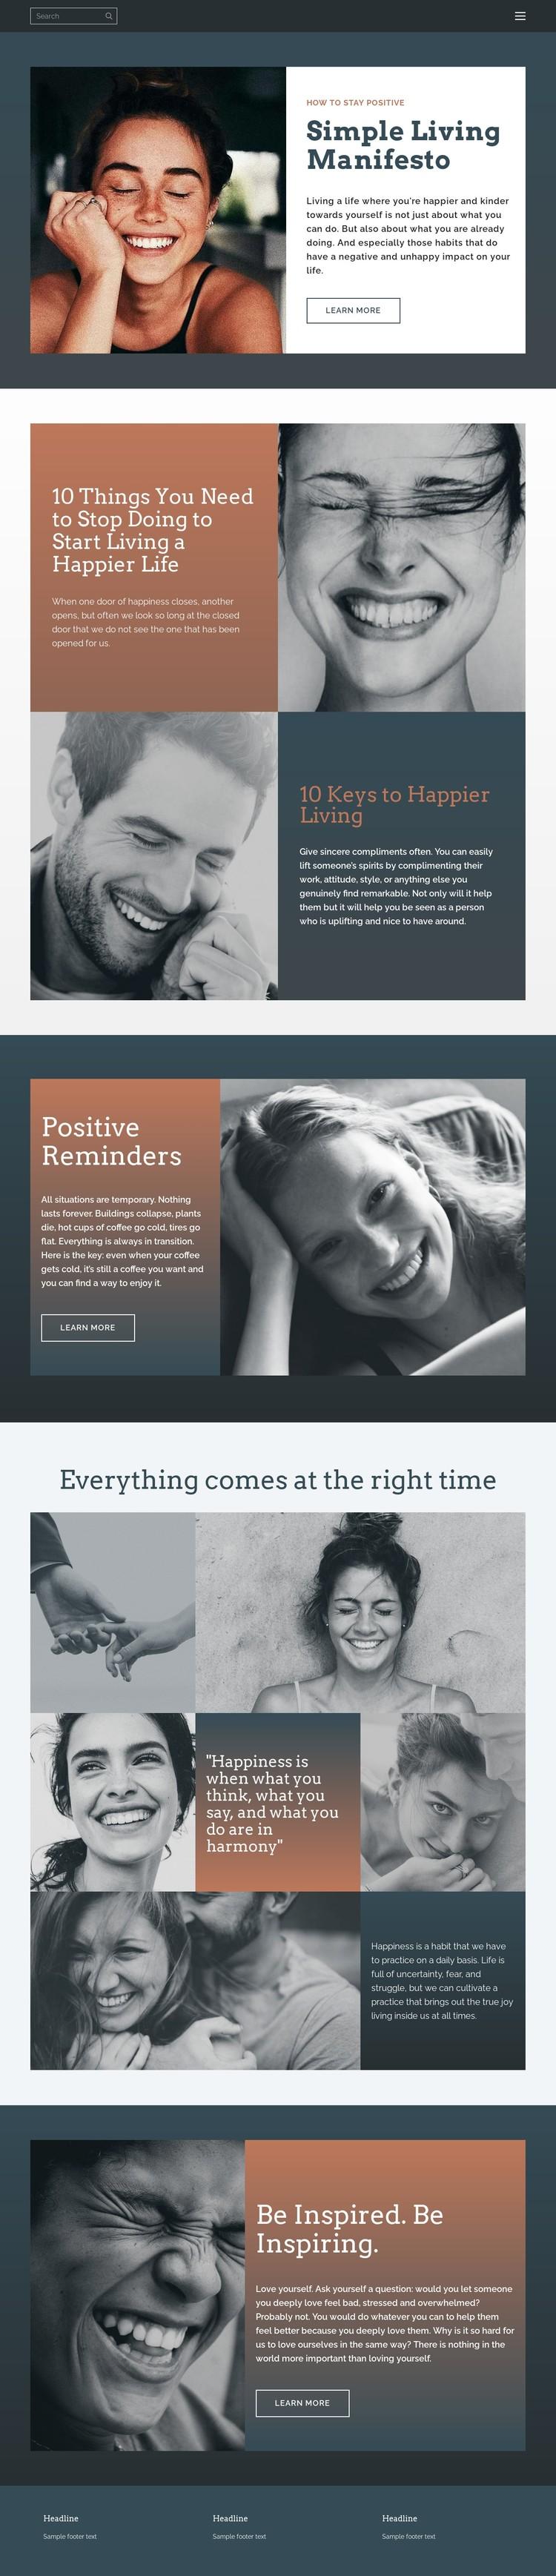 Simple living manifesto Static Site Generator